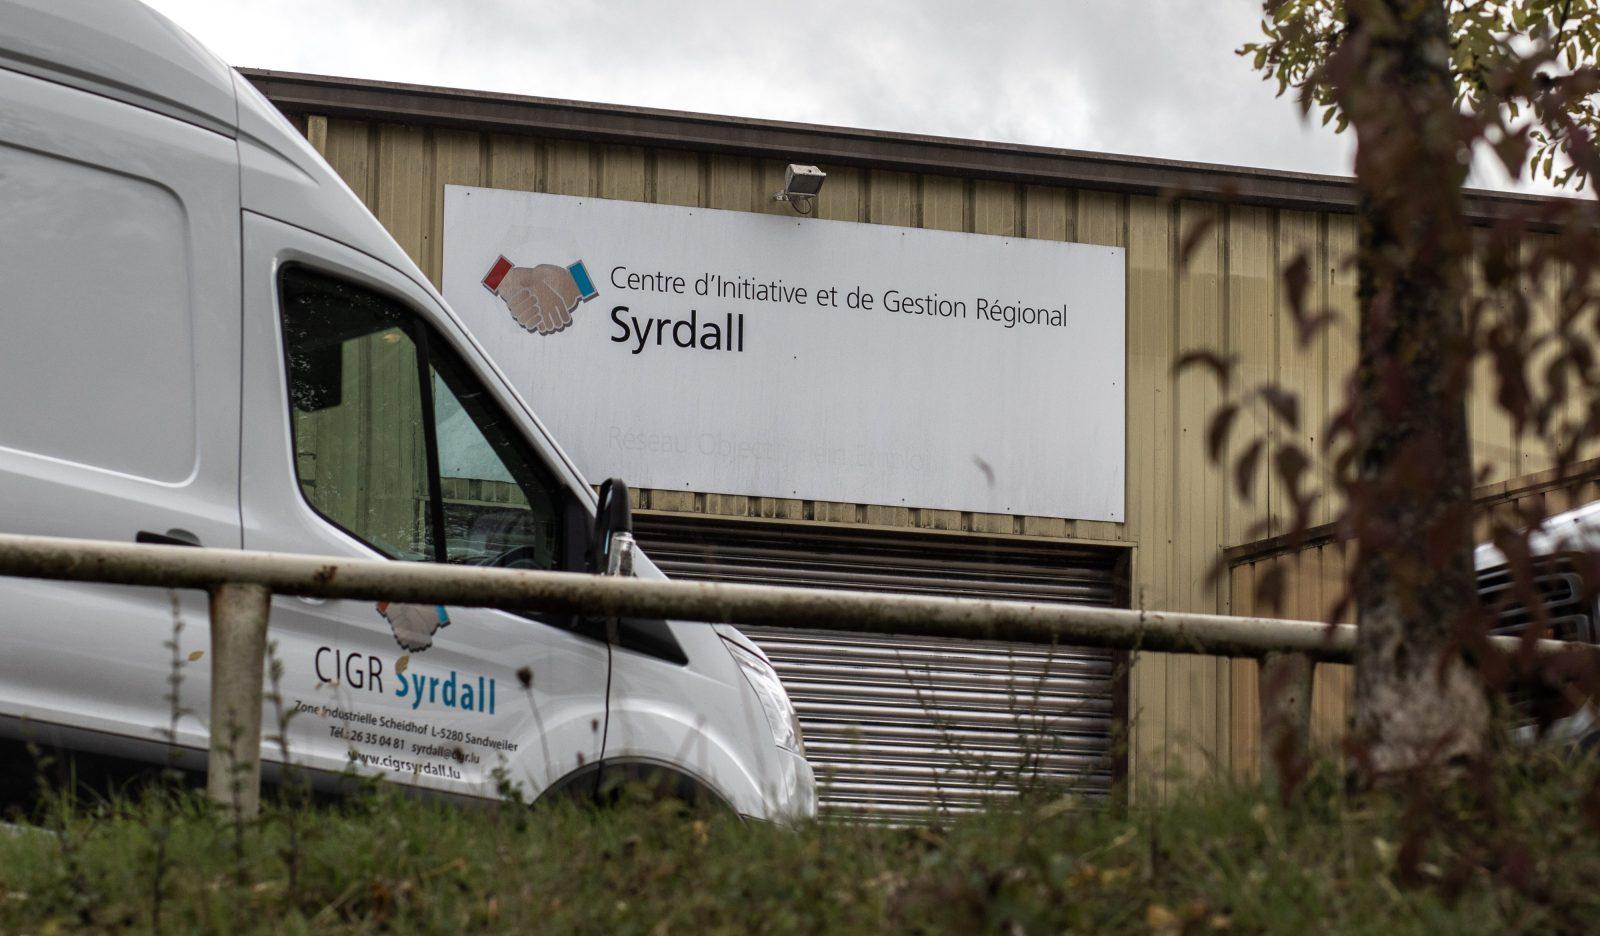 """""""CIGR Syrdall"""": Verdacht auf Missstände und Vertuschung - Reporter.lu"""